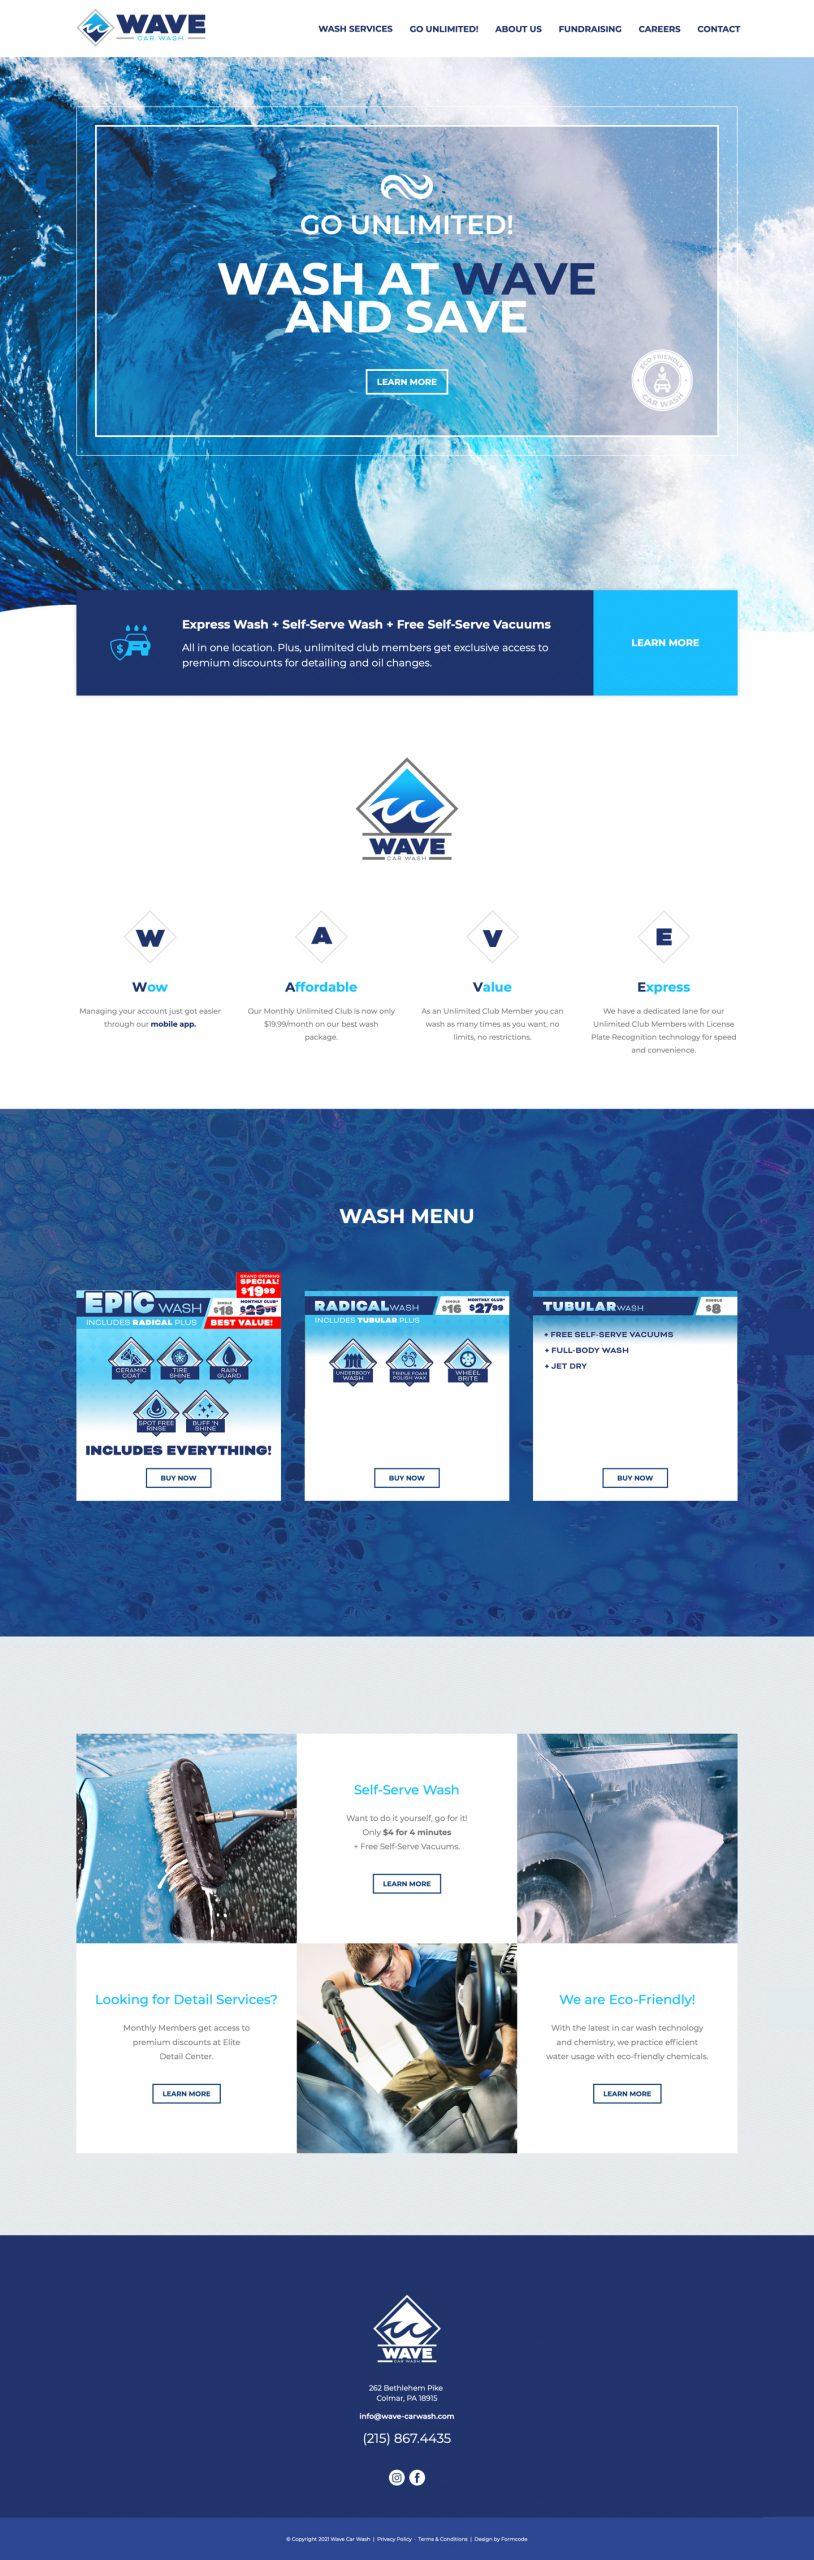 Car Wash Web Design Layout